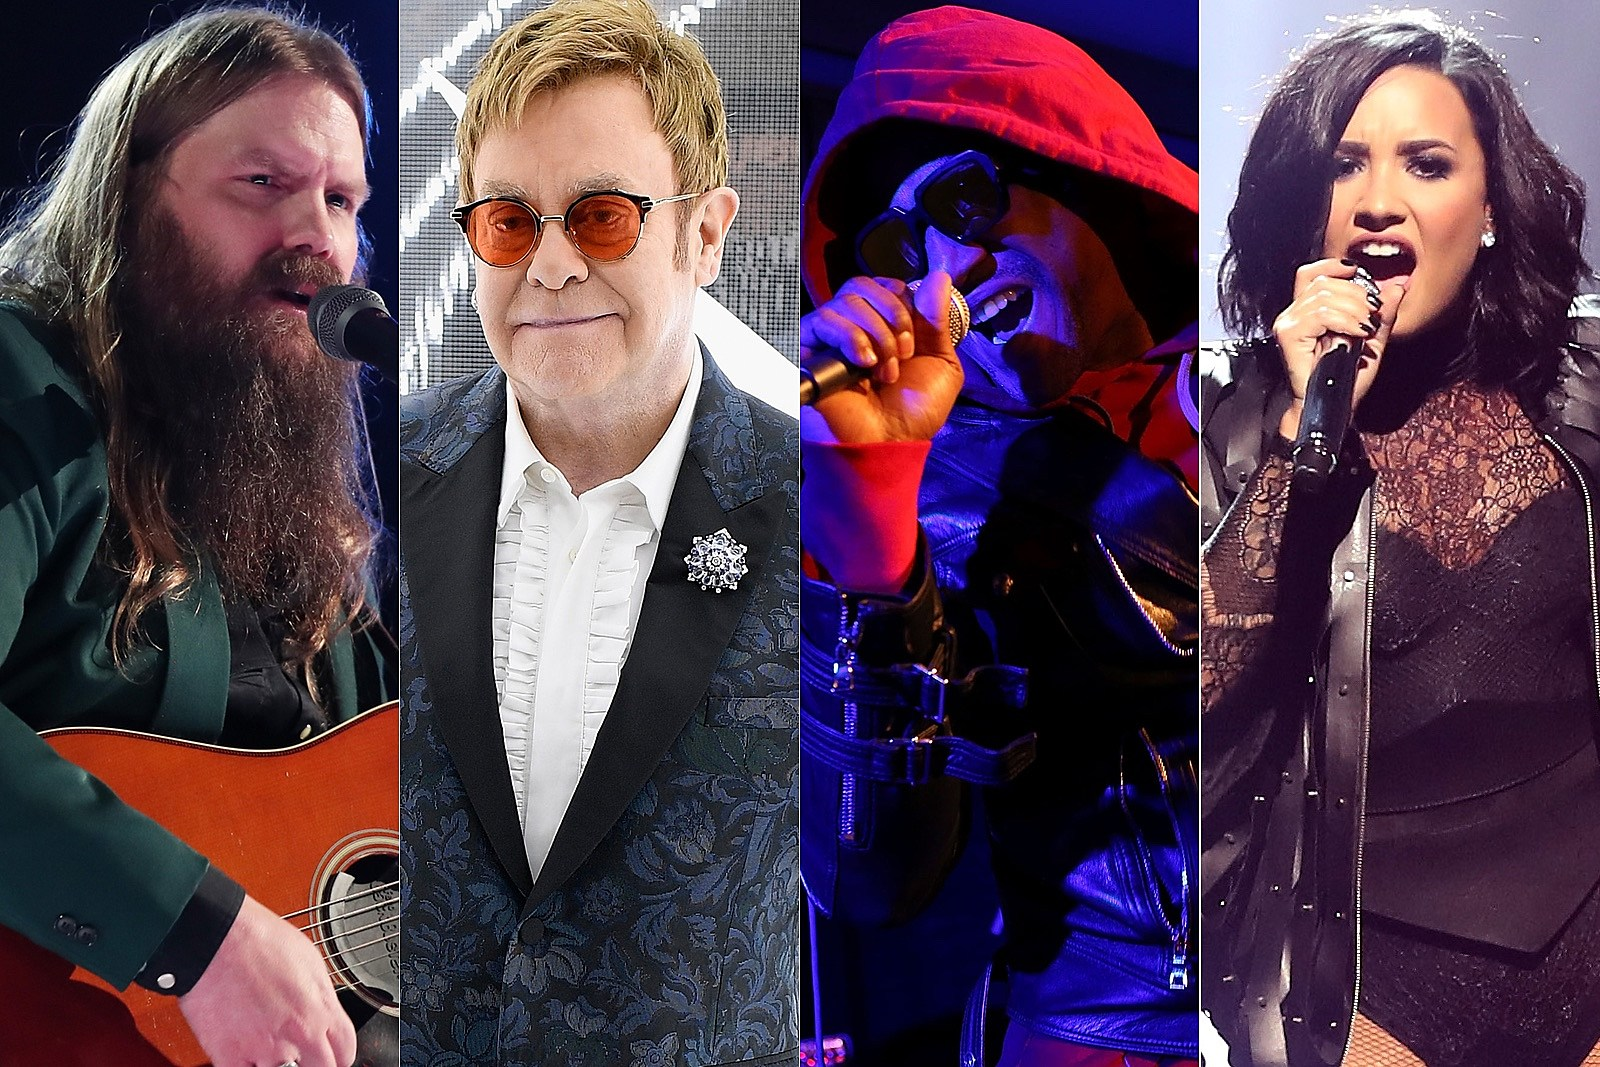 Listen to Elton John Classics Covered by Chris Stapleton, Q-Tip and Demi Lovato